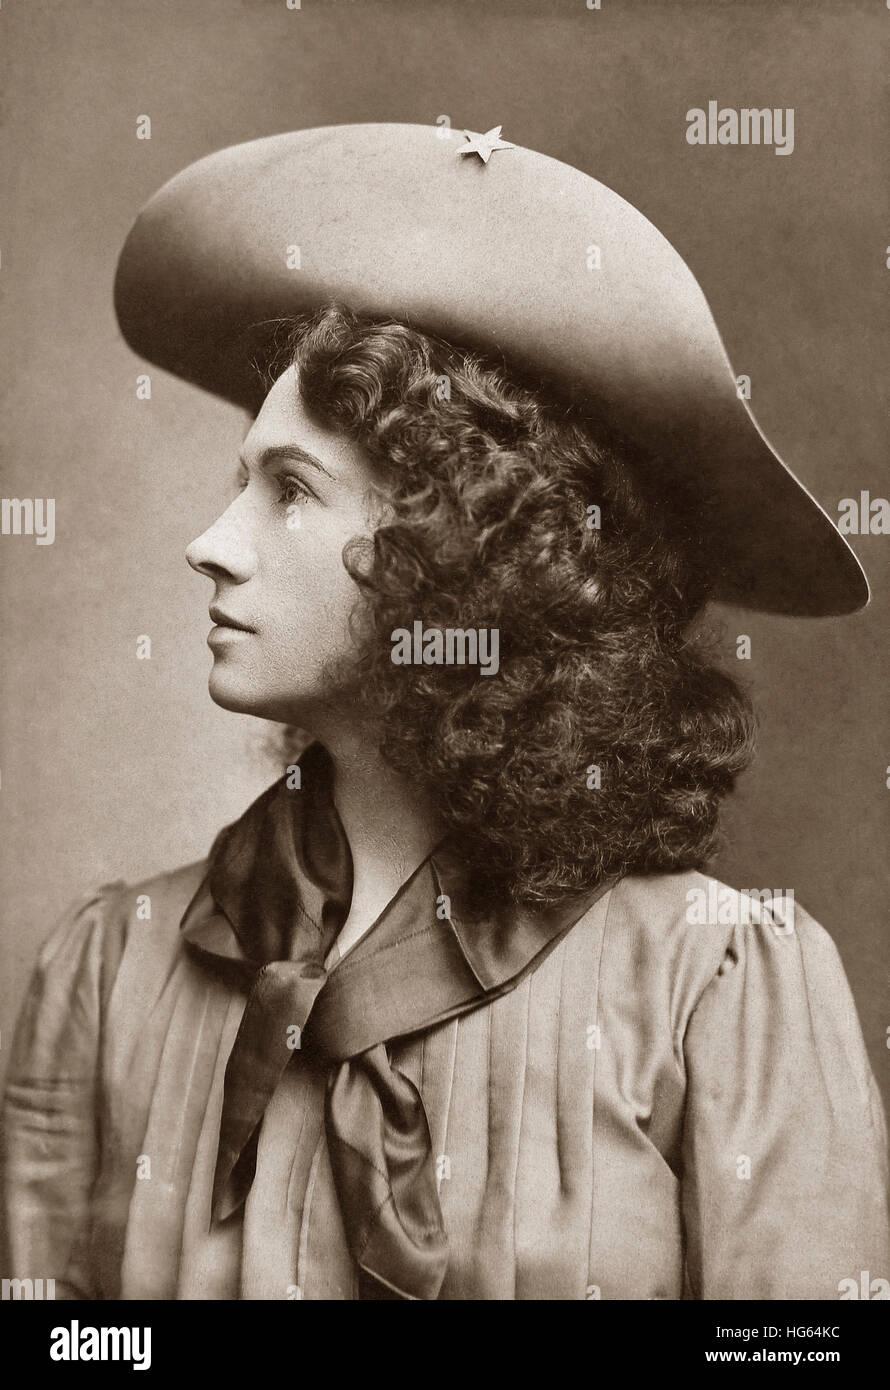 Retrato de American sharpshooter, Annie Oakley. Foto de stock